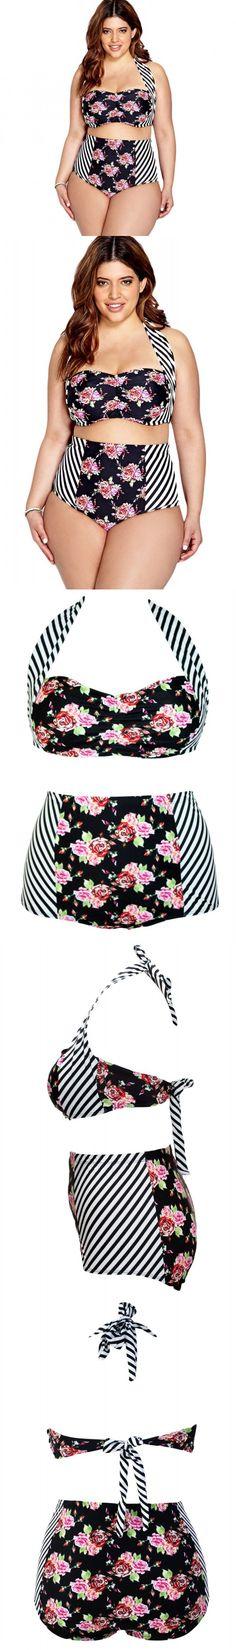 e0fb09317b655 Plus Size XXXL XXXL Swimwear Floral Striped High waist Bikini Swimsuit 2016  bikinis set women Sexy